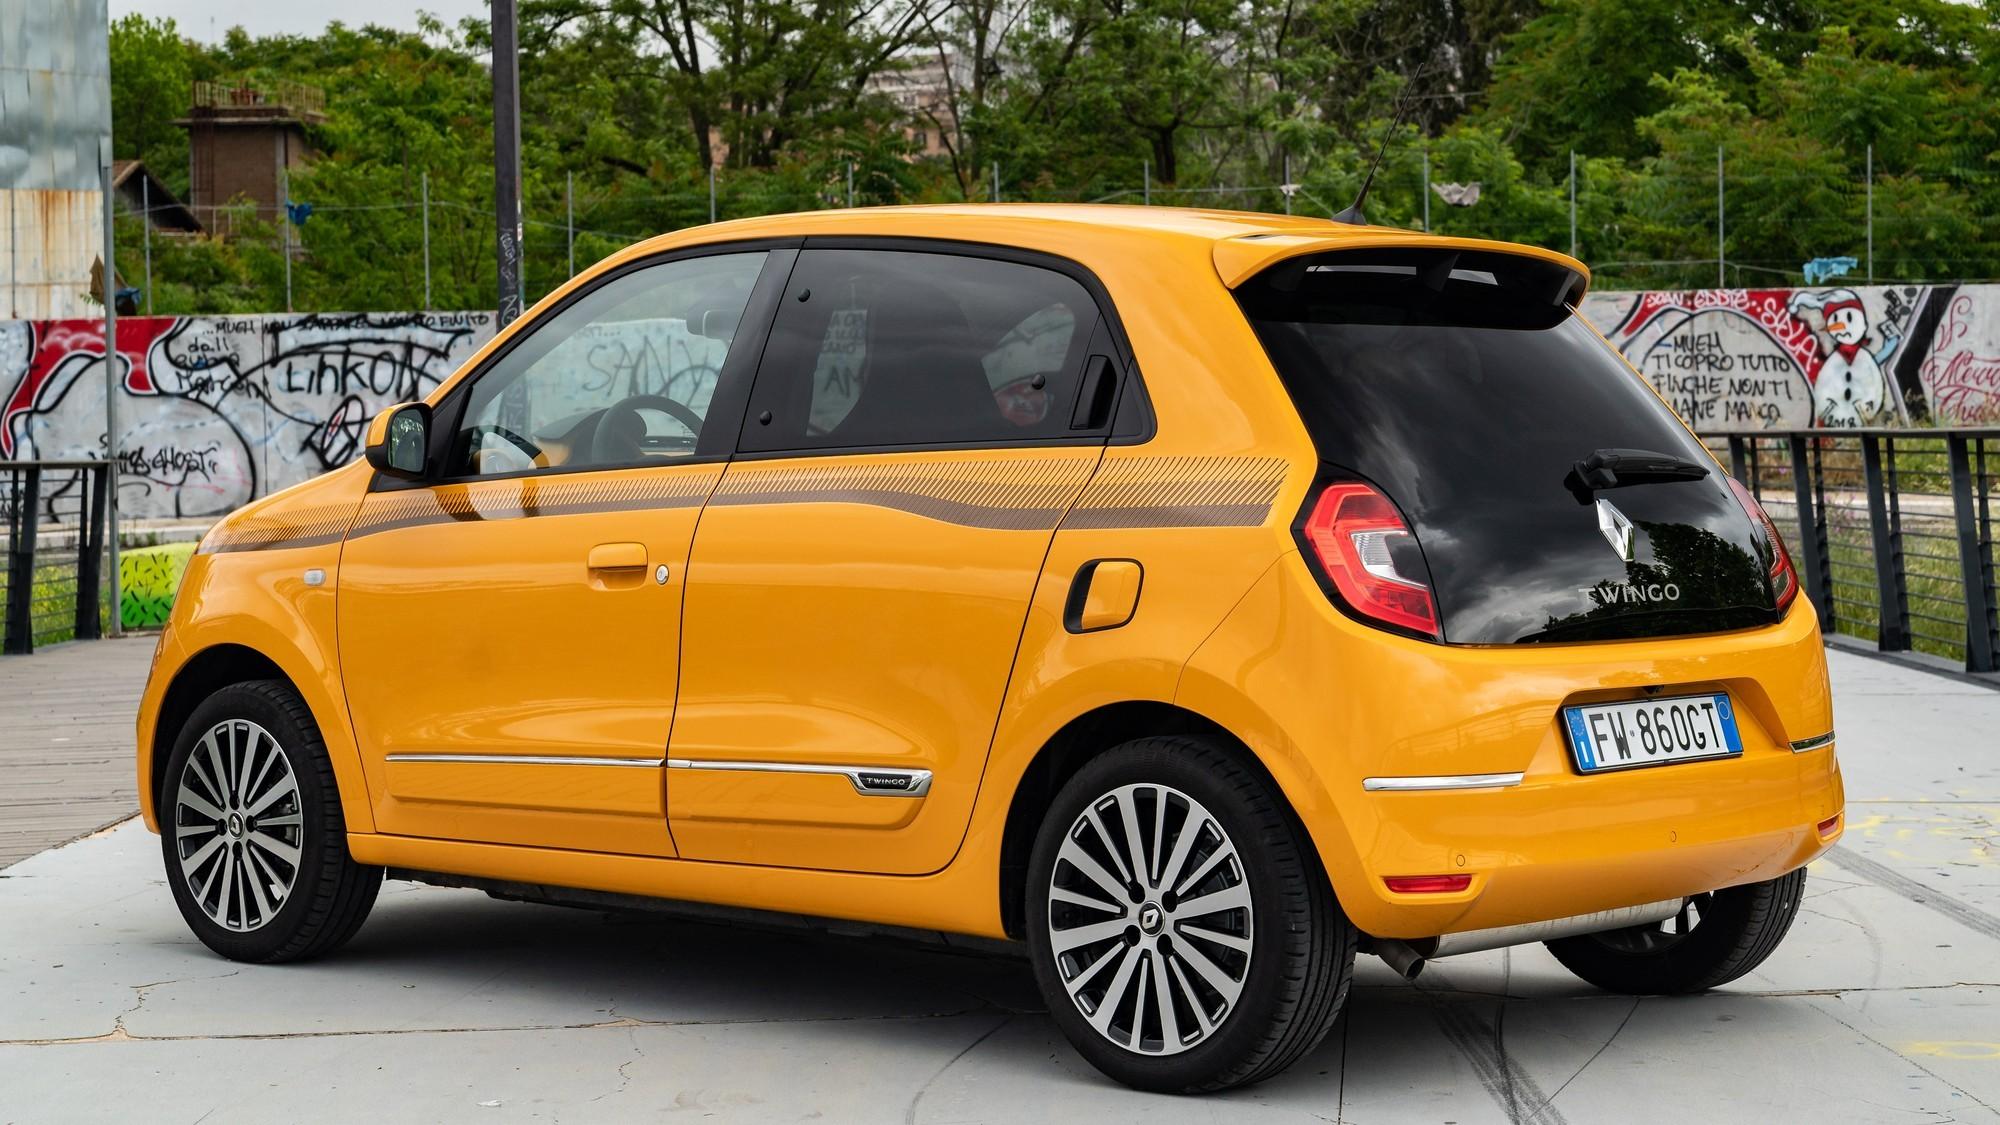 Делать дёшево выходит слишком дорого: Renault избавится от модели Twingo